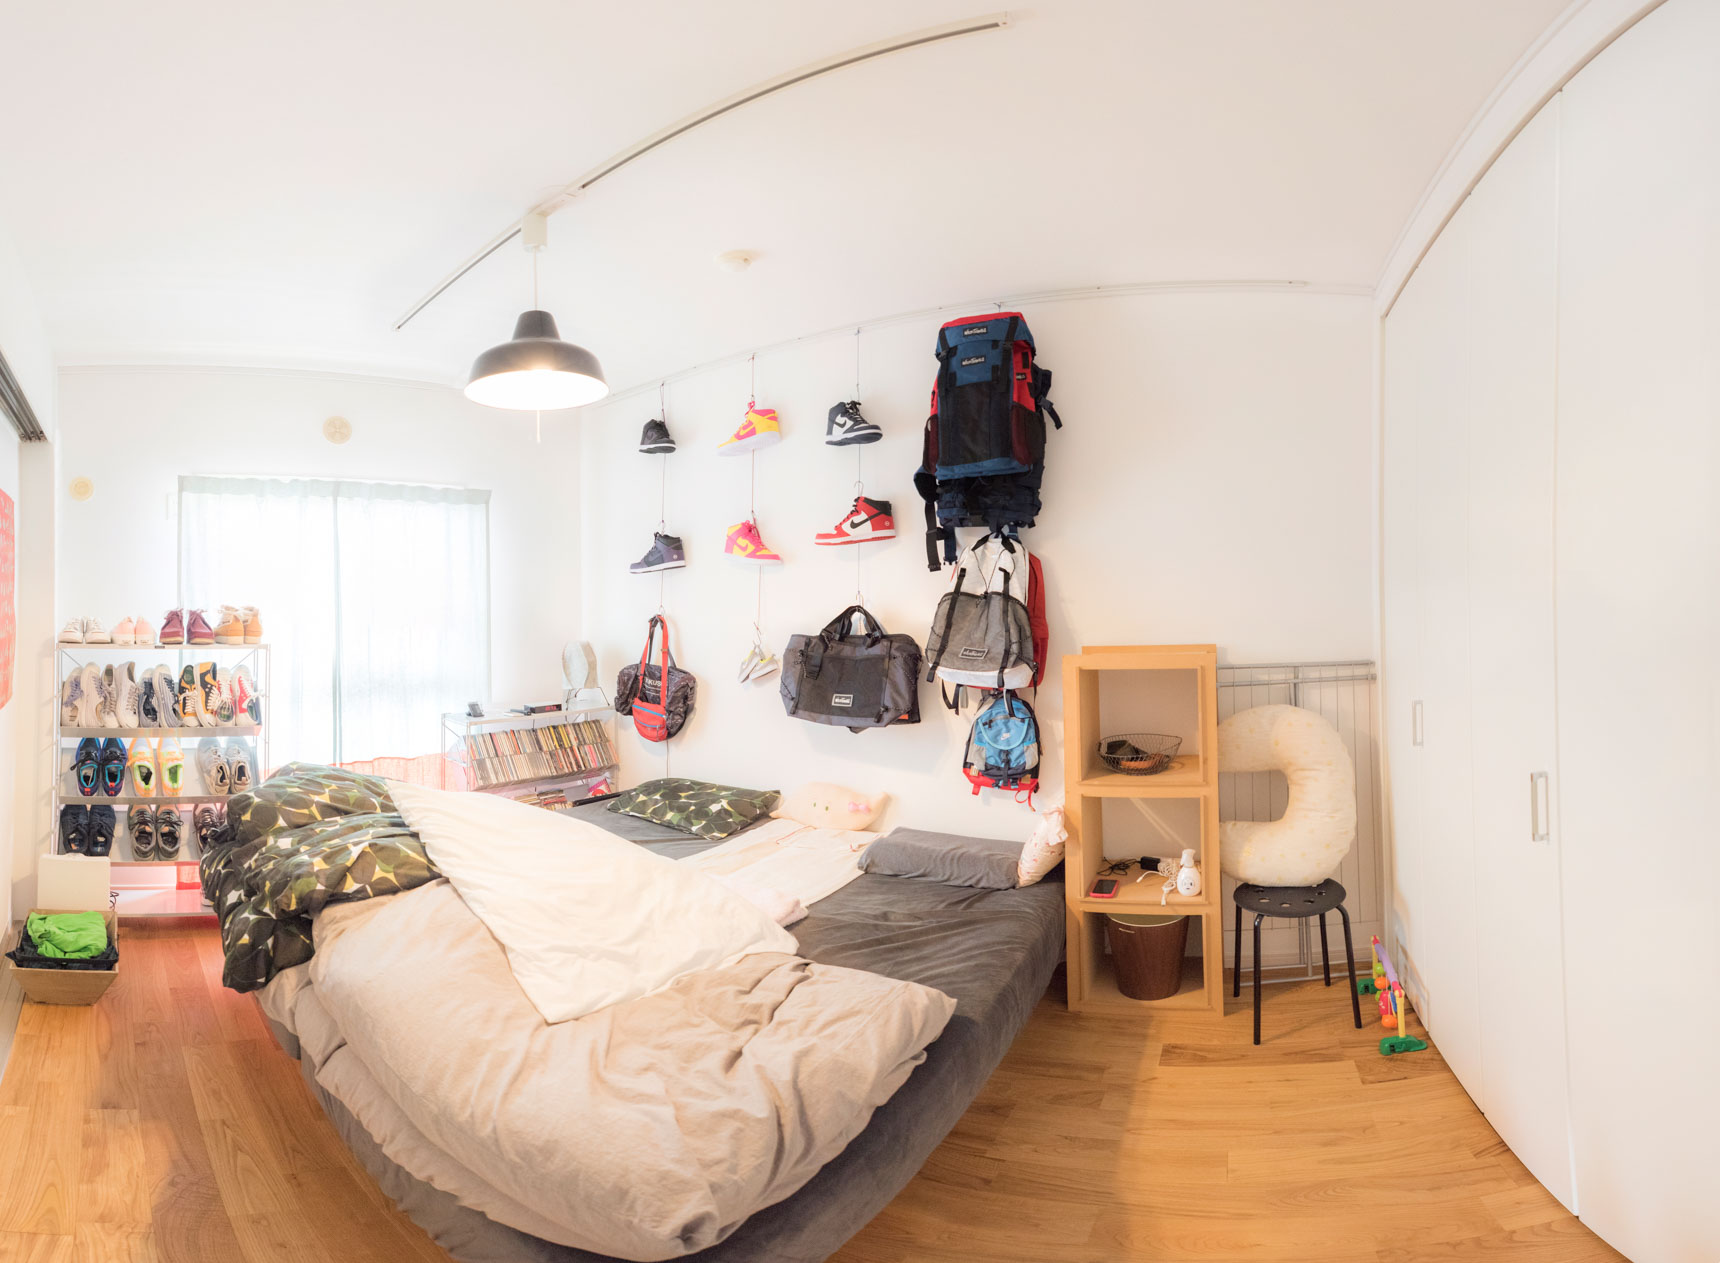 6畳の寝室に、セミシングル2台を並べたレイアウト例。ピクチャーレールを収納がわりに使う工夫で、通路を確保されています(このお部屋はこちら)